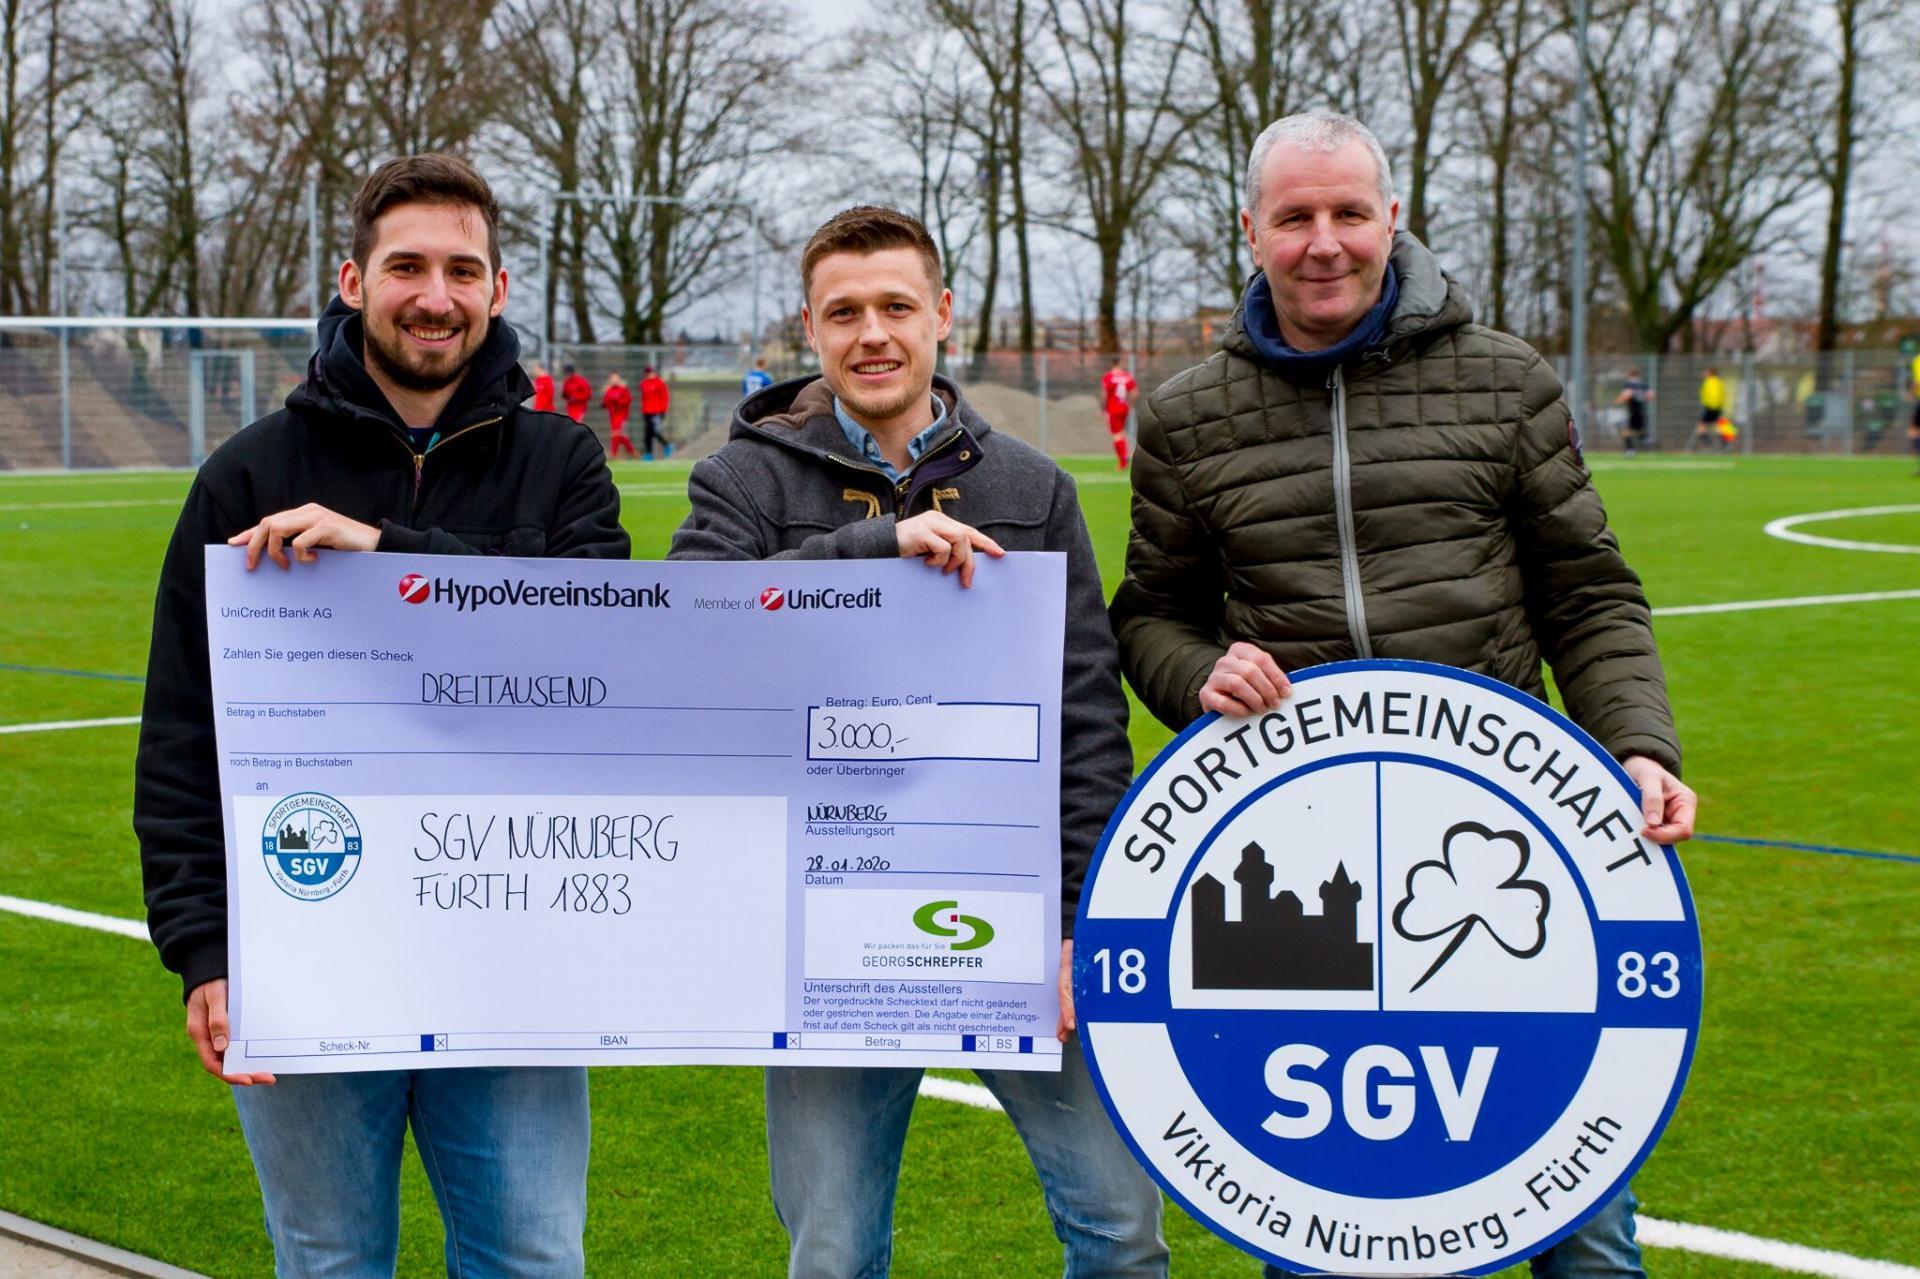 Vorschaubild der Meldung: Firma Georg Schrepfer übergibt großzügige Spende